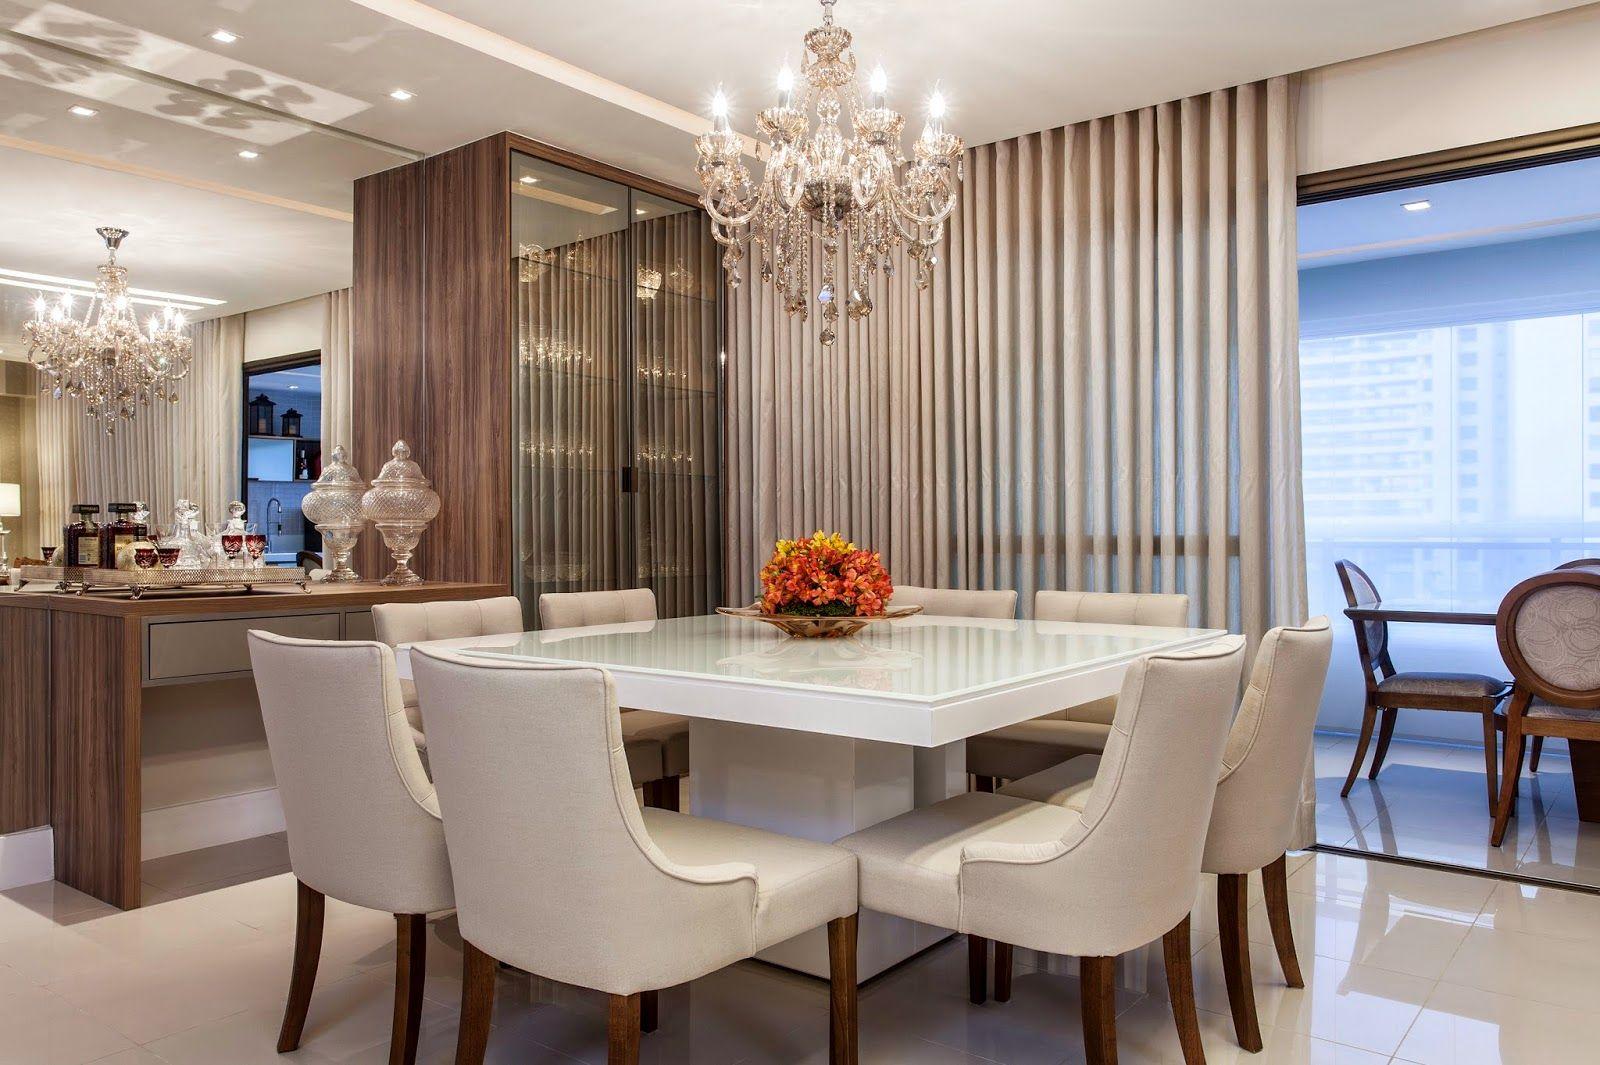 Salas De Jantar Com 8 E 10 Cadeiras Veja Mesas Quadradas  -> Sala De Jantar Pequena Com Mesa De Marmore